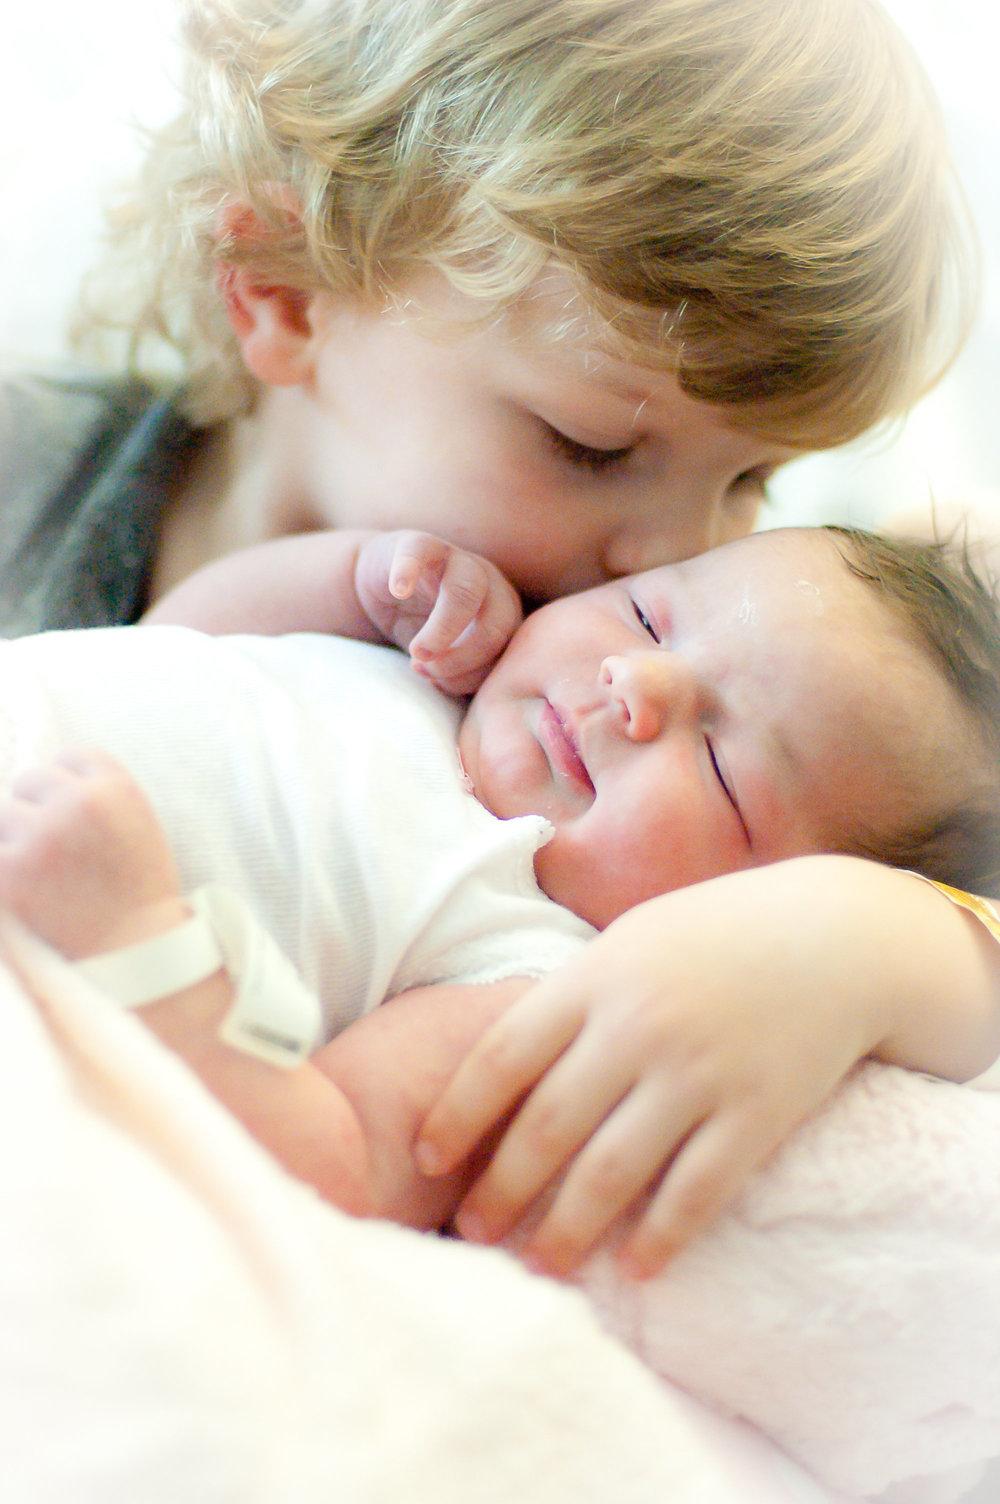 Baby Willow-Baby Willow edits no watermark-0004.jpg